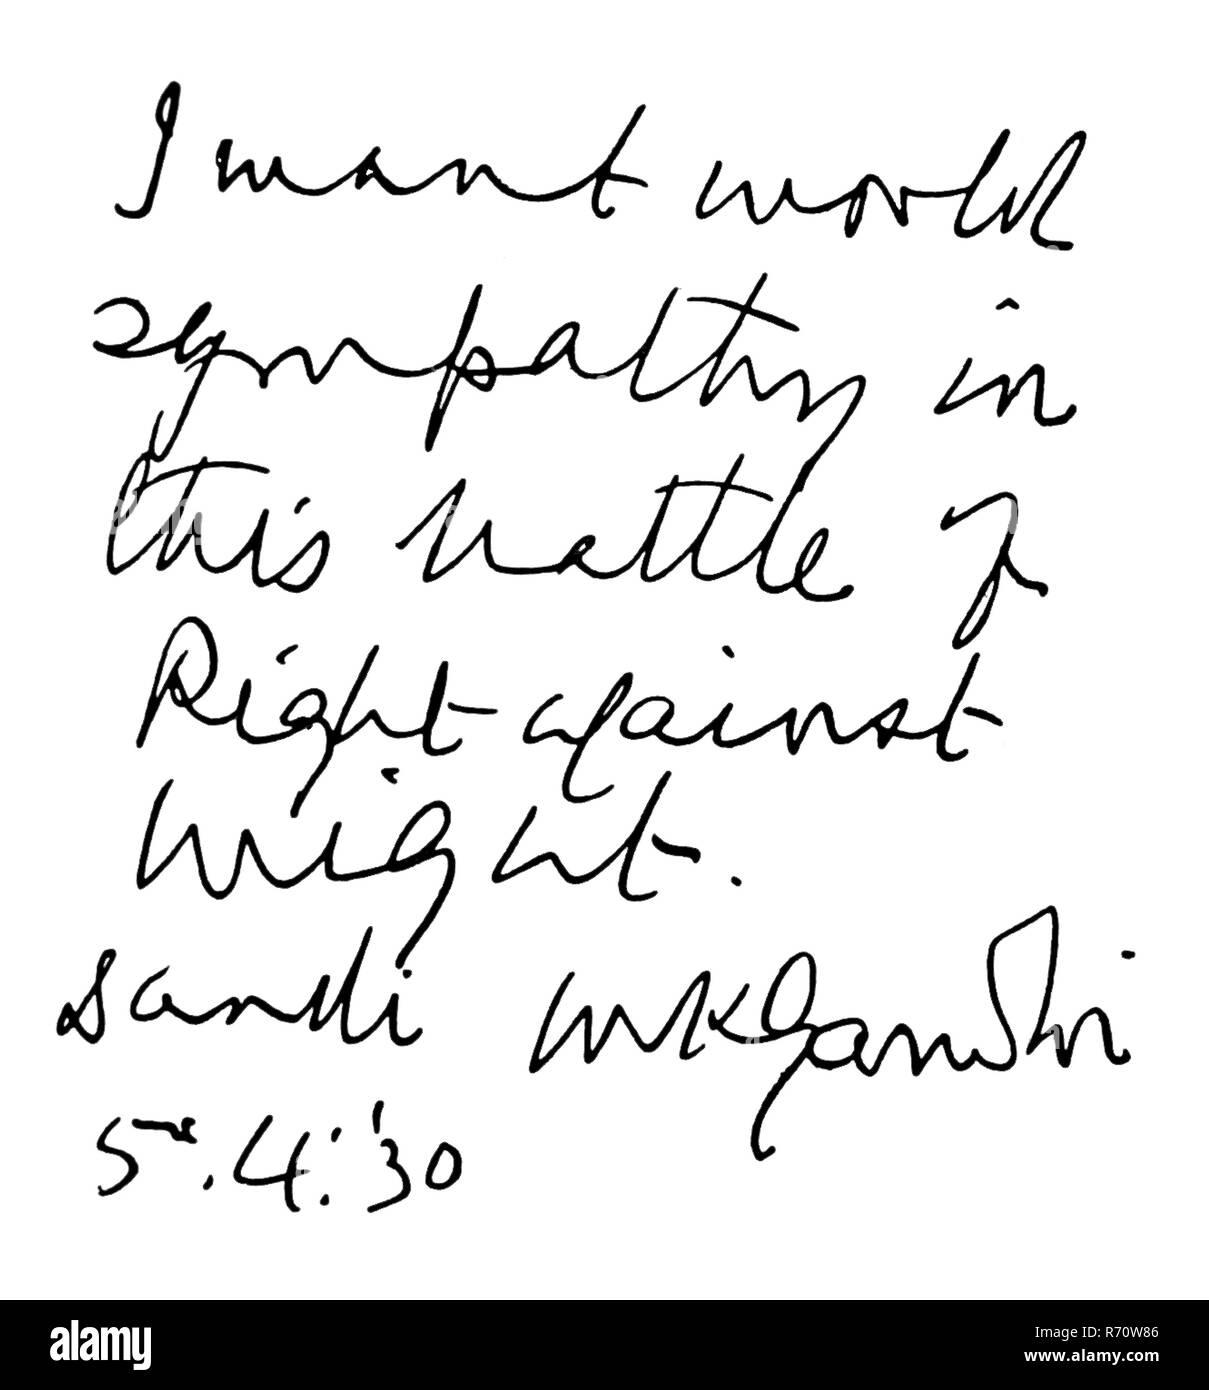 """""""Voglio simpatia mondiale in questa battaglia di destra contro potrebbe. M.K. Gandhi, Dandi 5.4.'30' - MODELLO DI RILASCIO NON DISPONIBILE Immagini Stock"""